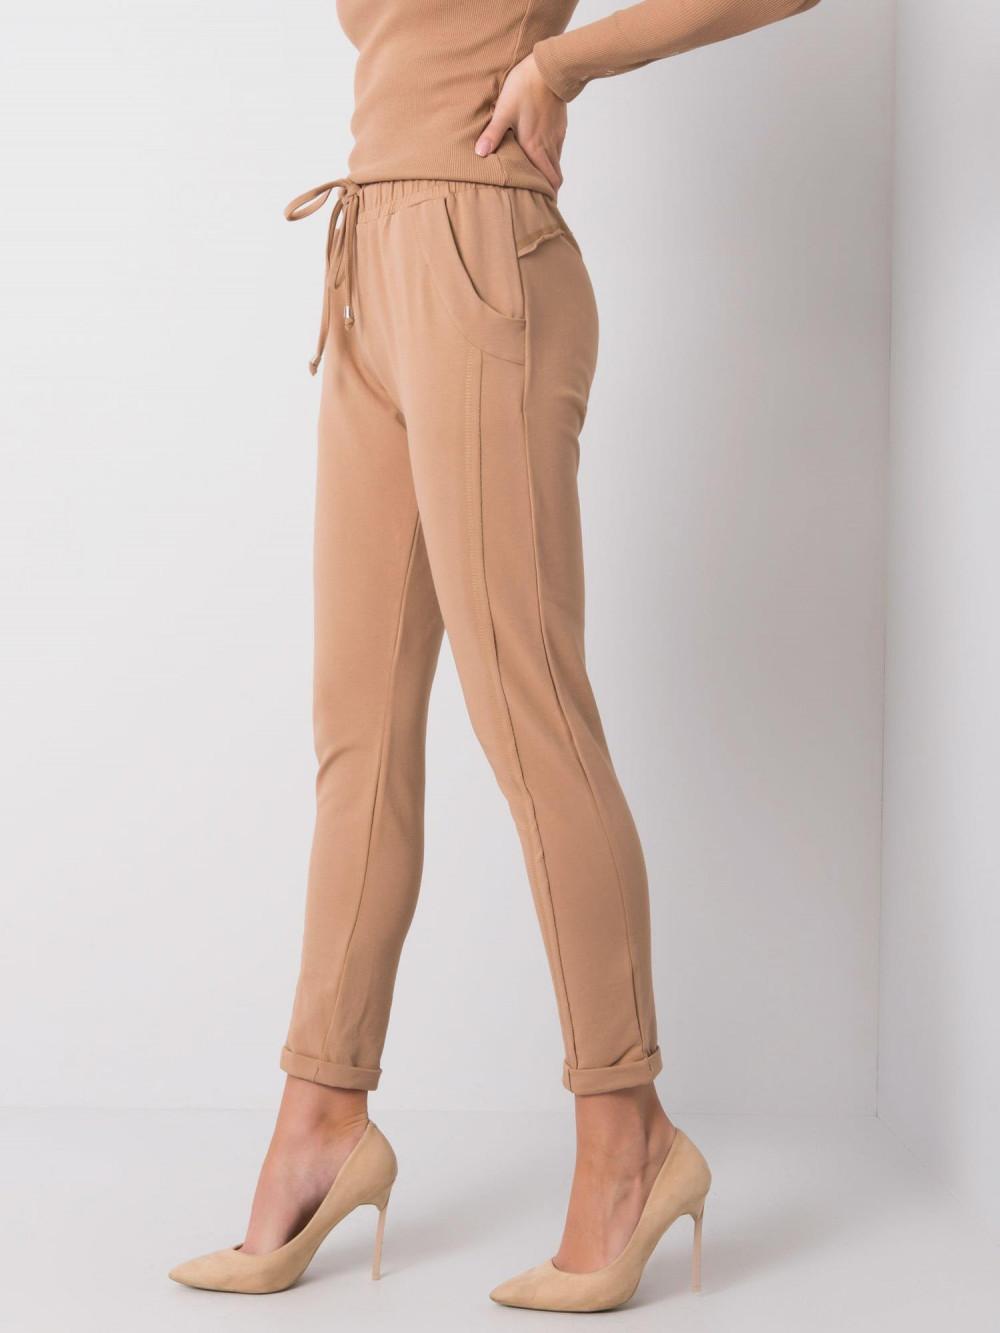 Karmelowe spodnie dresowe z kieszeniami Viole 3